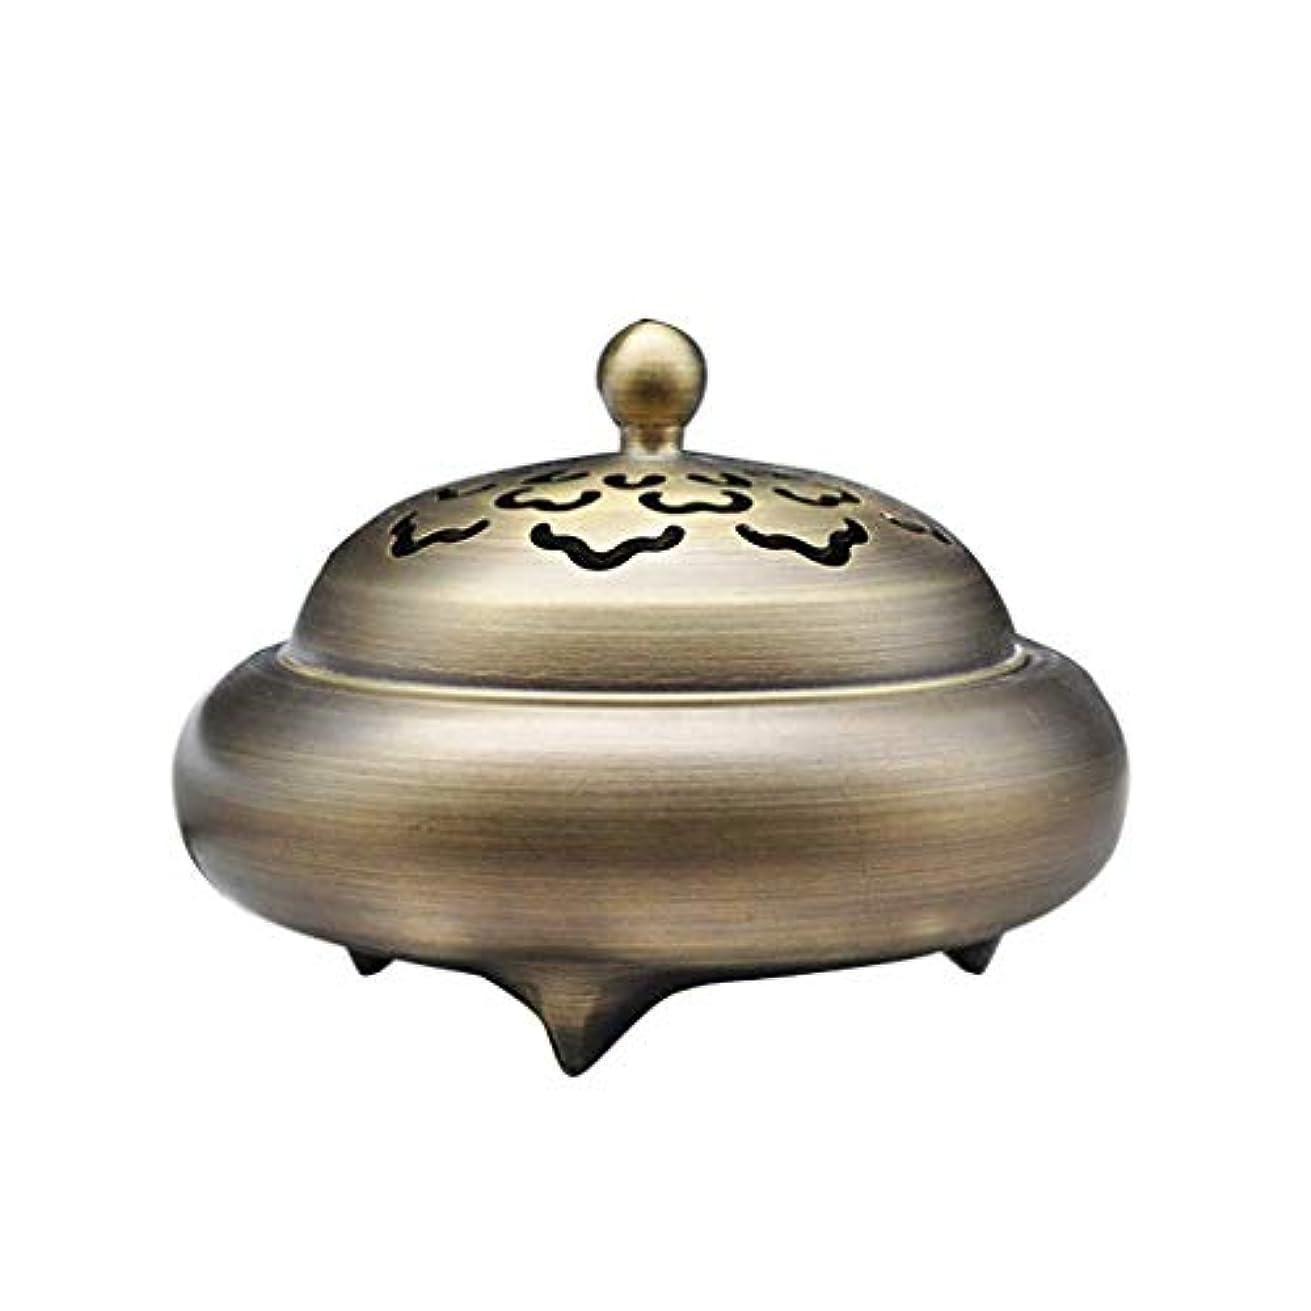 後世淡いフィールドホームアロマバーナー レトロバーナー純銅香バーナーホーム屋内白檀炉香バーナー香道路装飾 芳香器アロマバーナー (Color : Brass)